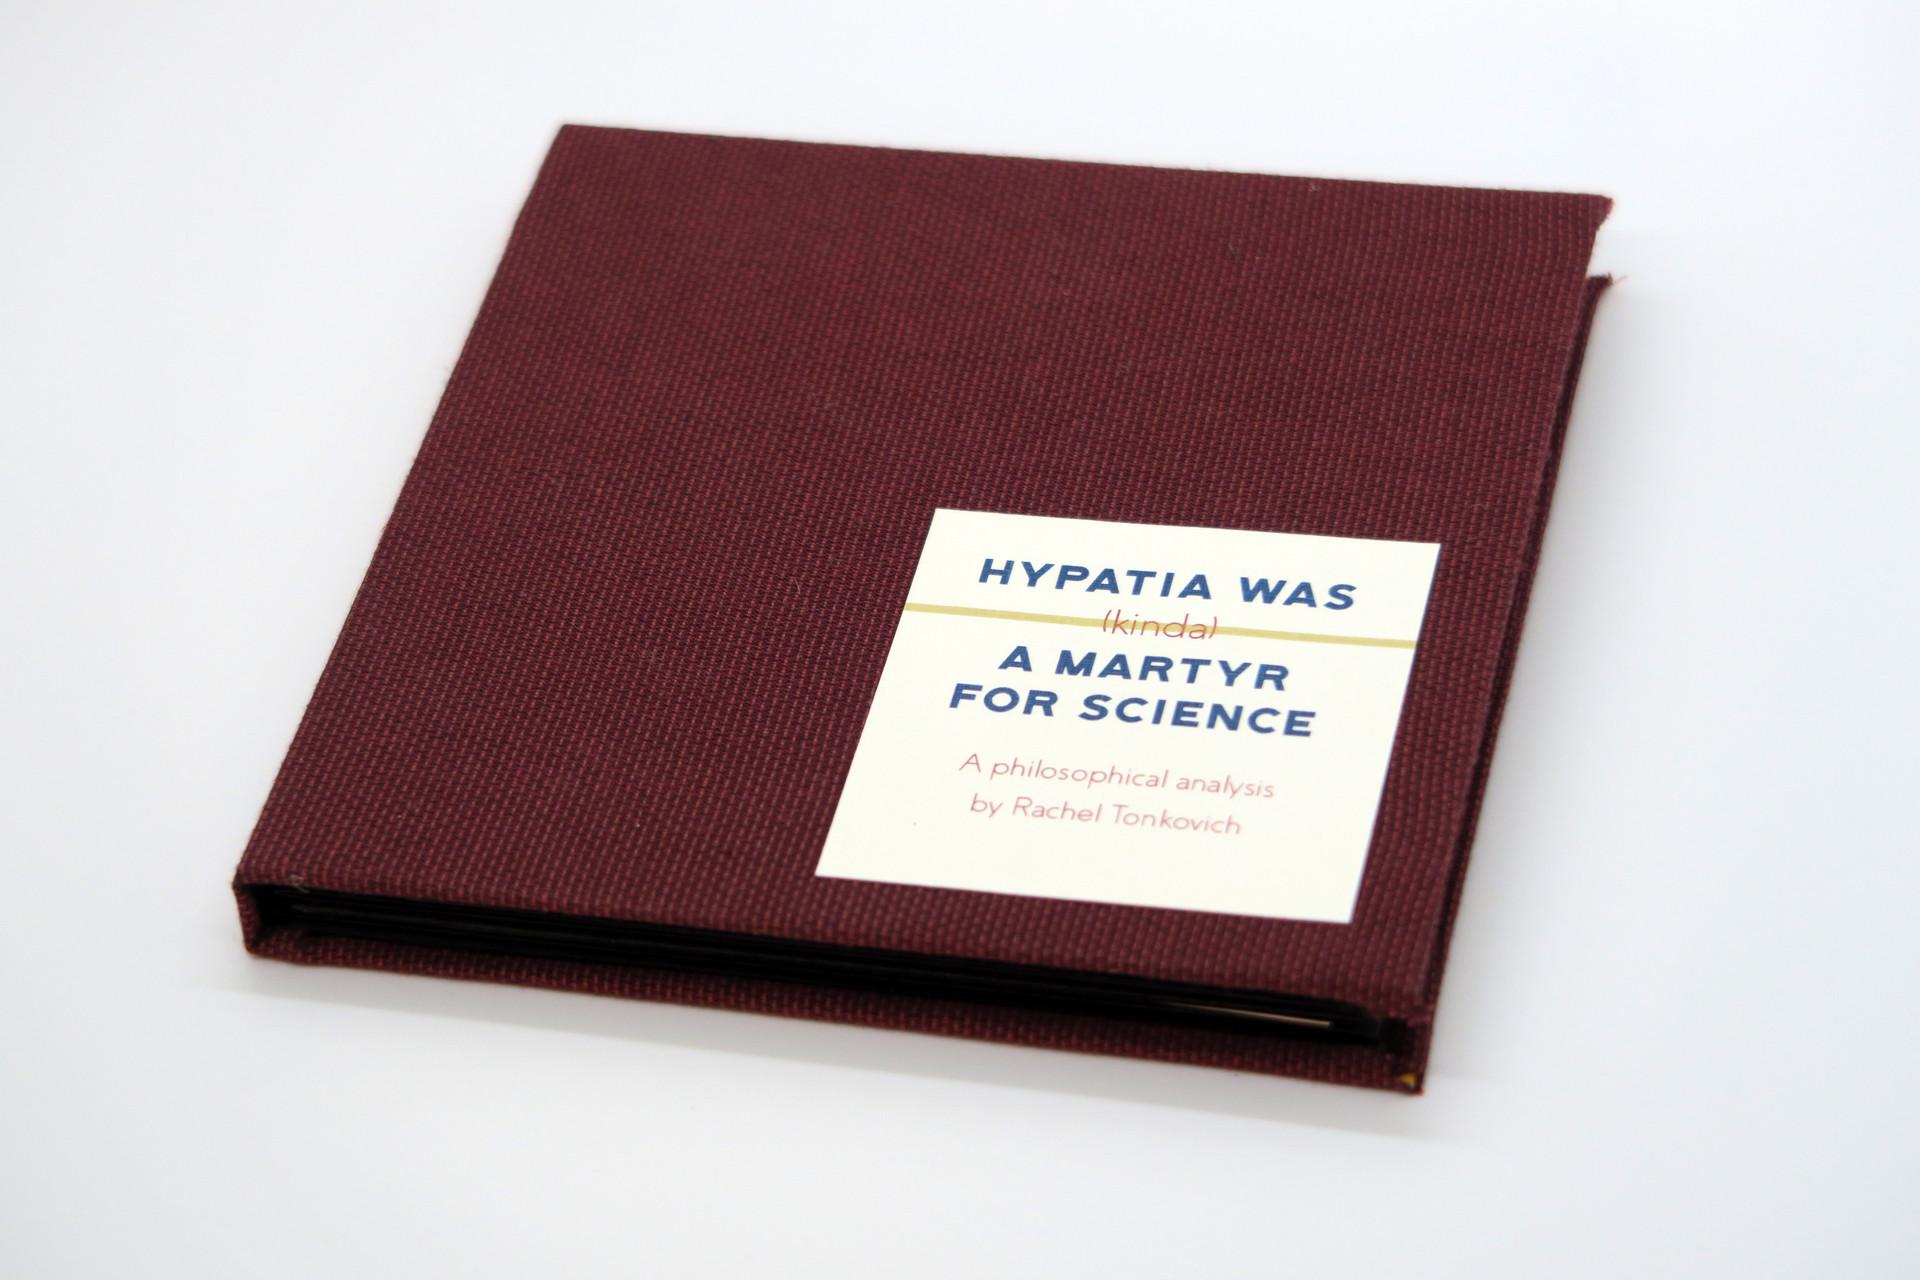 01 hypatia.jpg